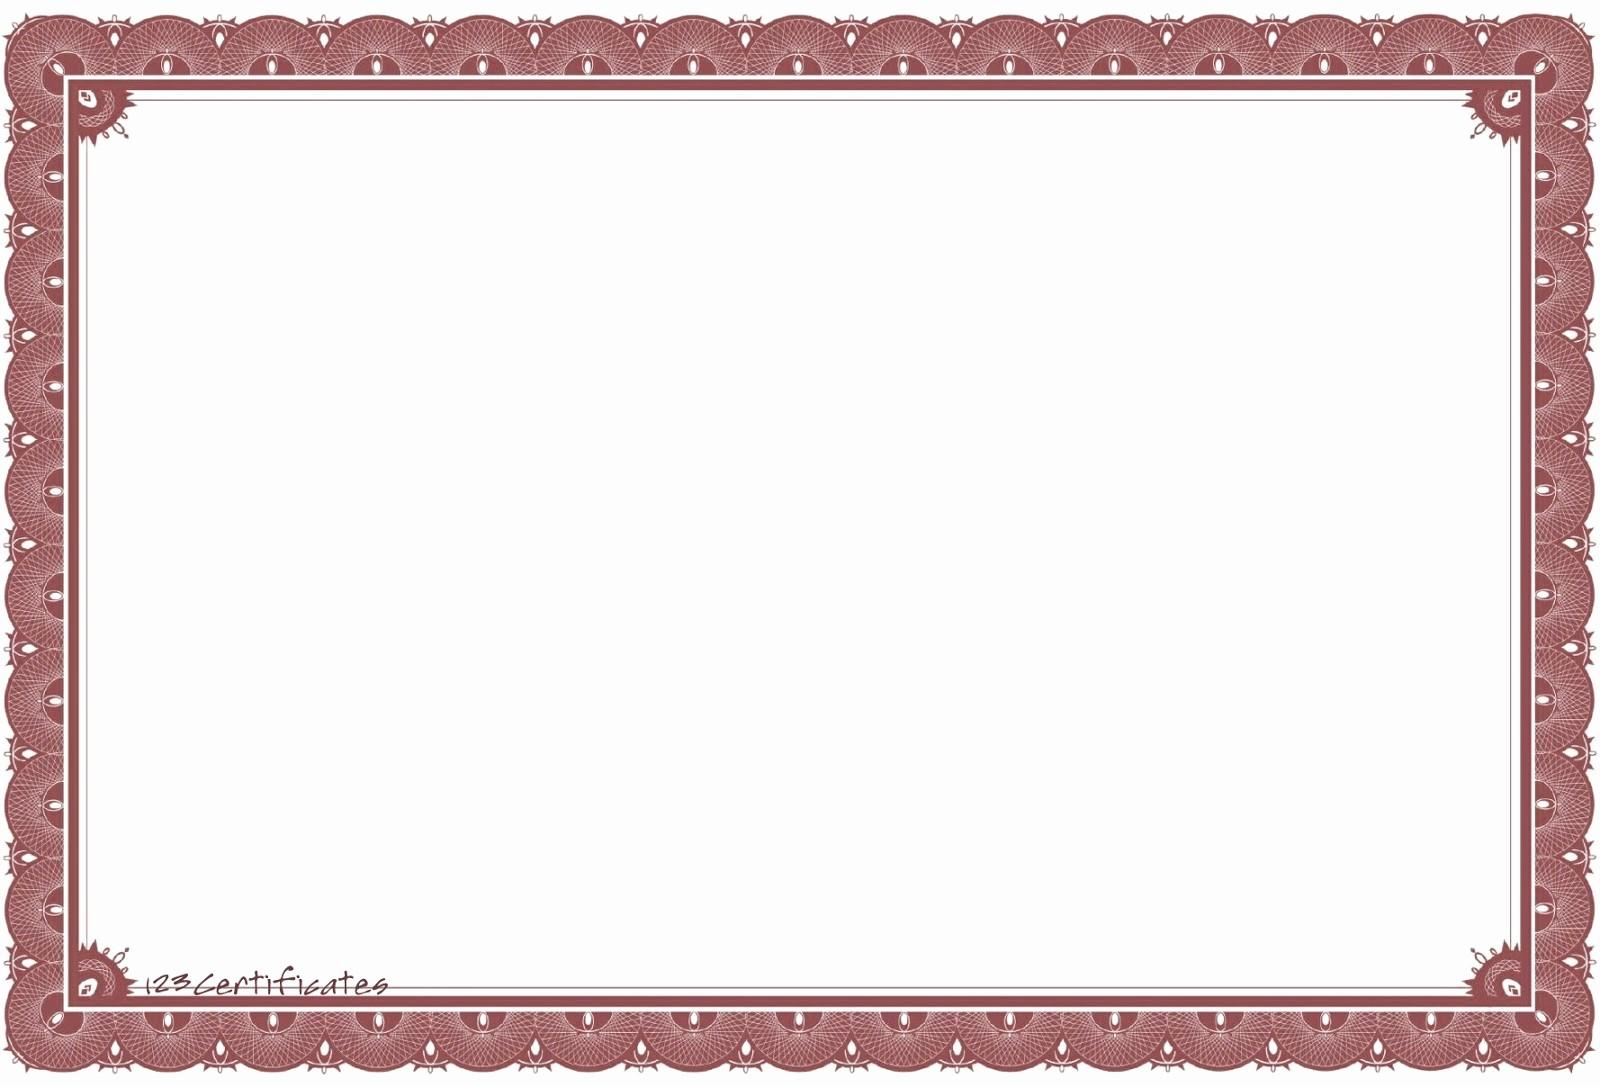 Certificate Border Design Free Download Awesome Gambar Bingkai Untuk Sertifikat atau Ijazah